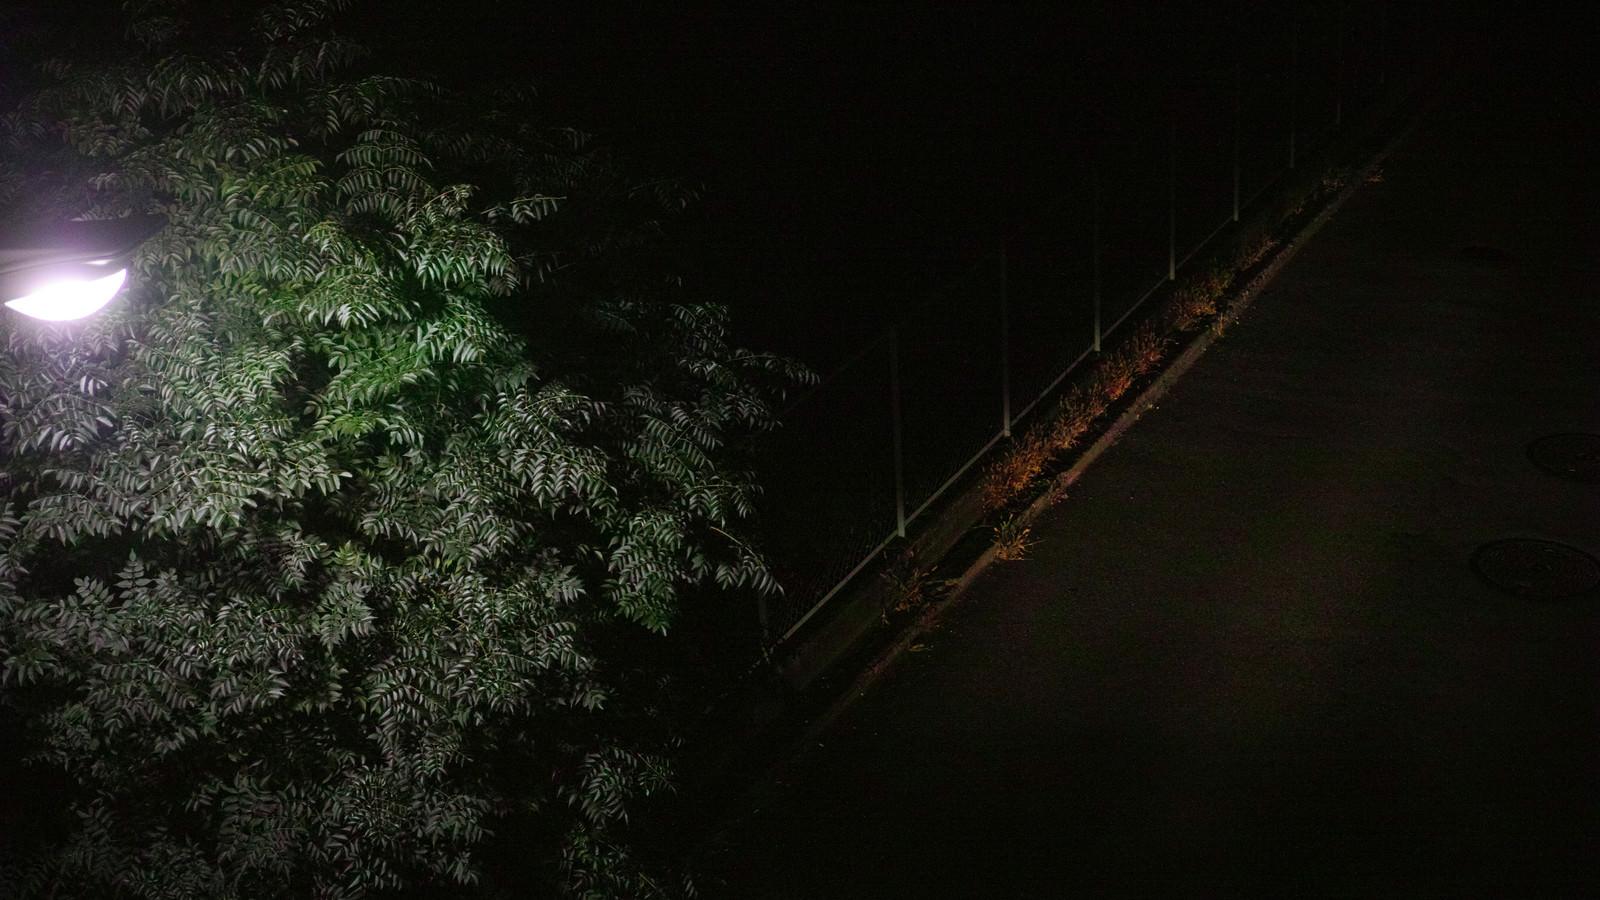 「暗がりの夜道」の写真